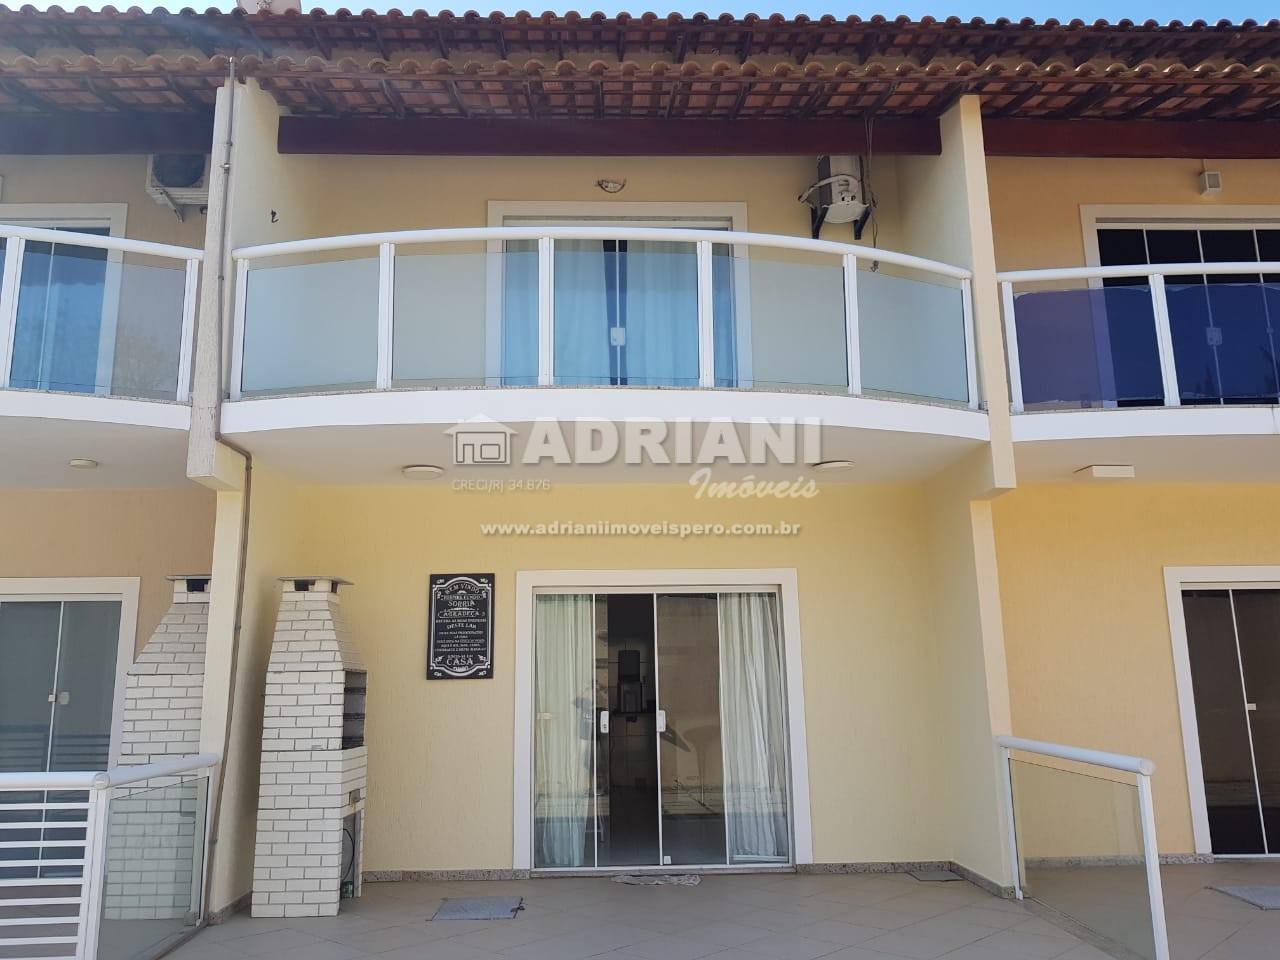 Cód 383 Casa em condomínio, com 3 quartos, vista mar, Peró, Cabo Frio – RJ